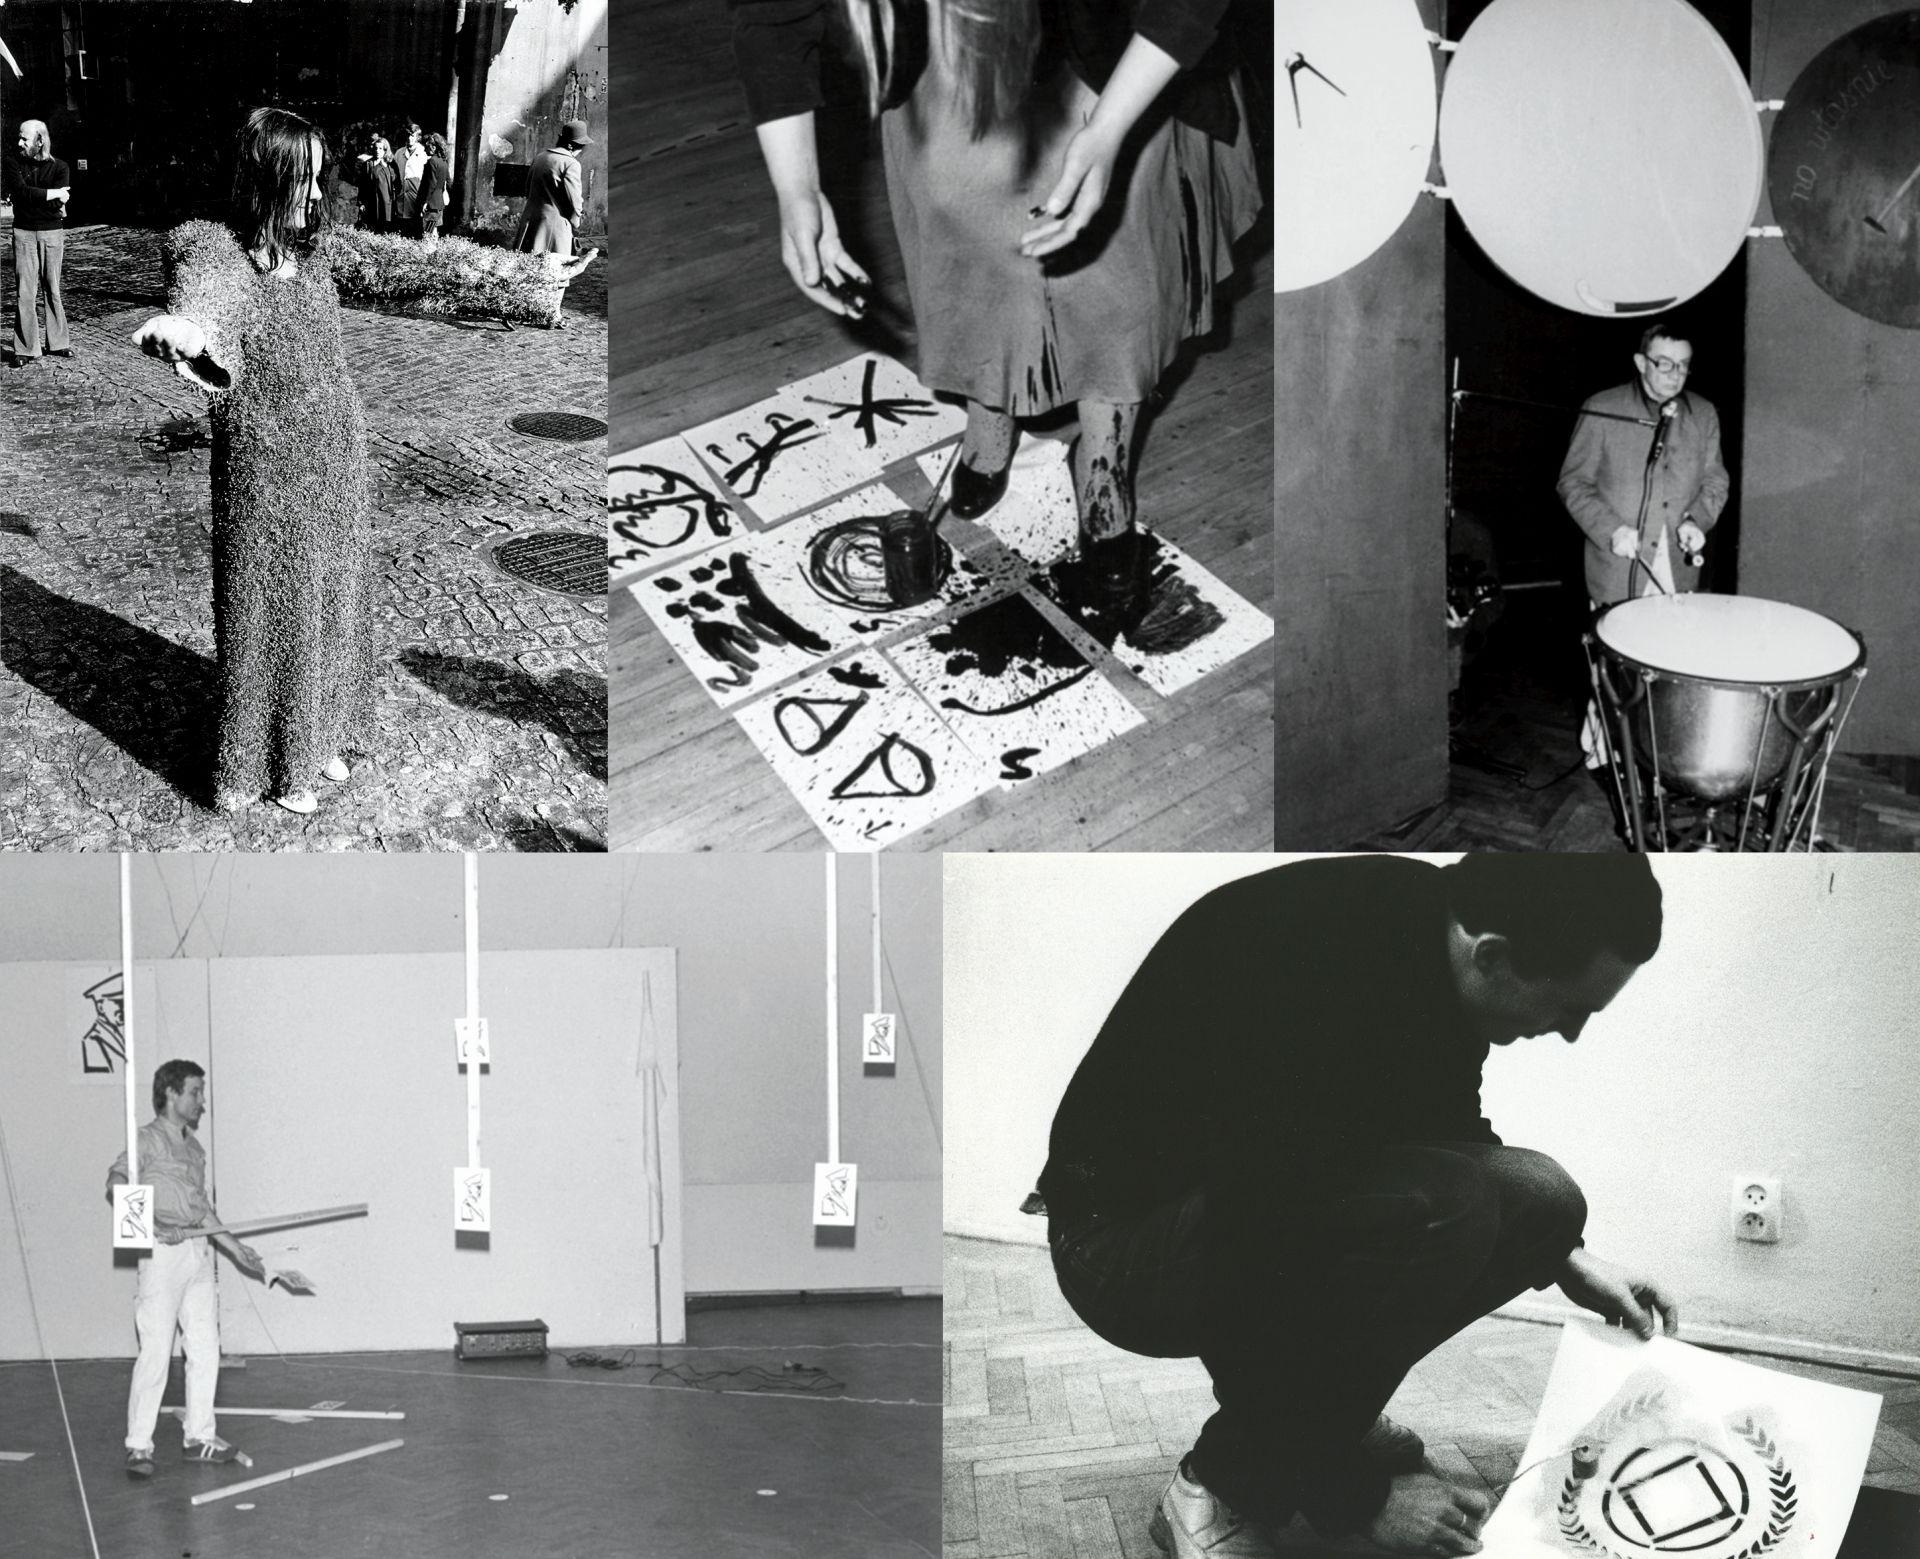 Fotografie z archiwum Galerii Labirynt, fot. Andrzej Polakowski (źródło: materiały prasowe organizatora)